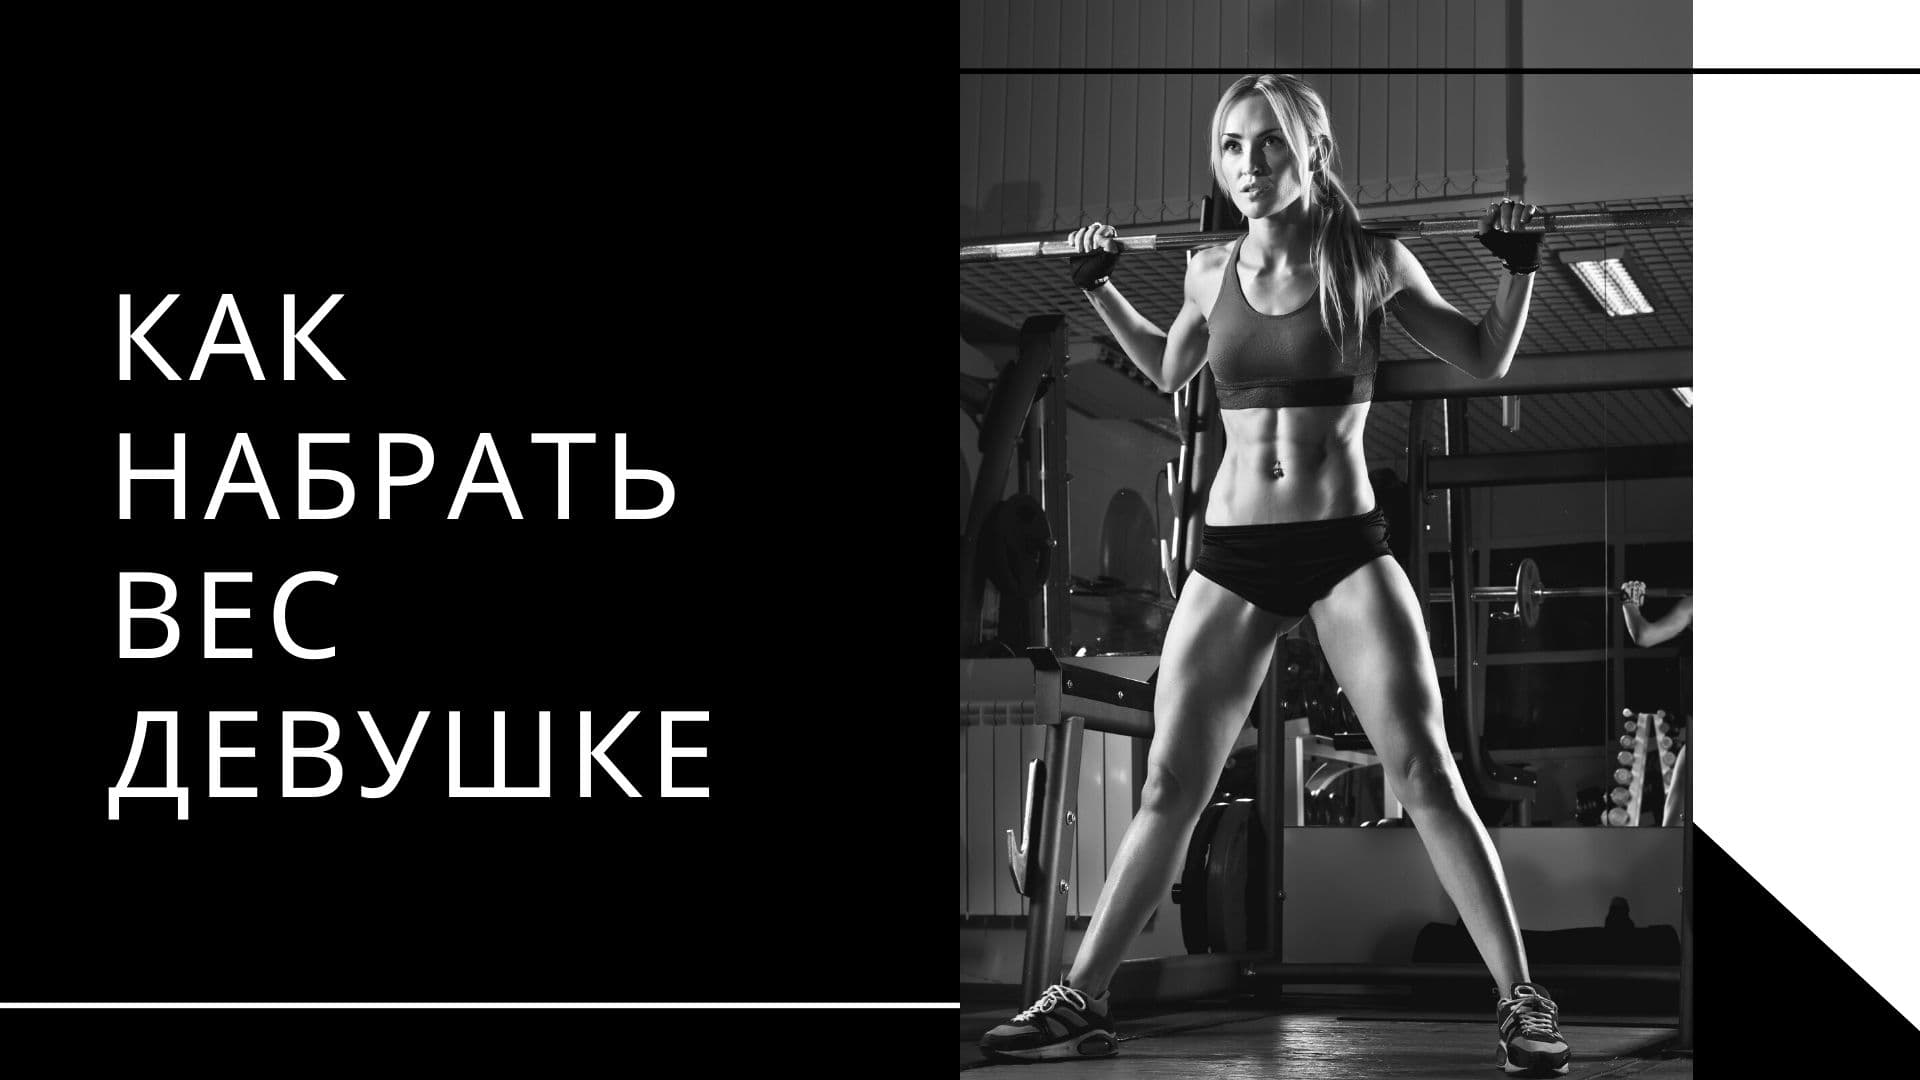 Способы быстрого набора веса для девушки